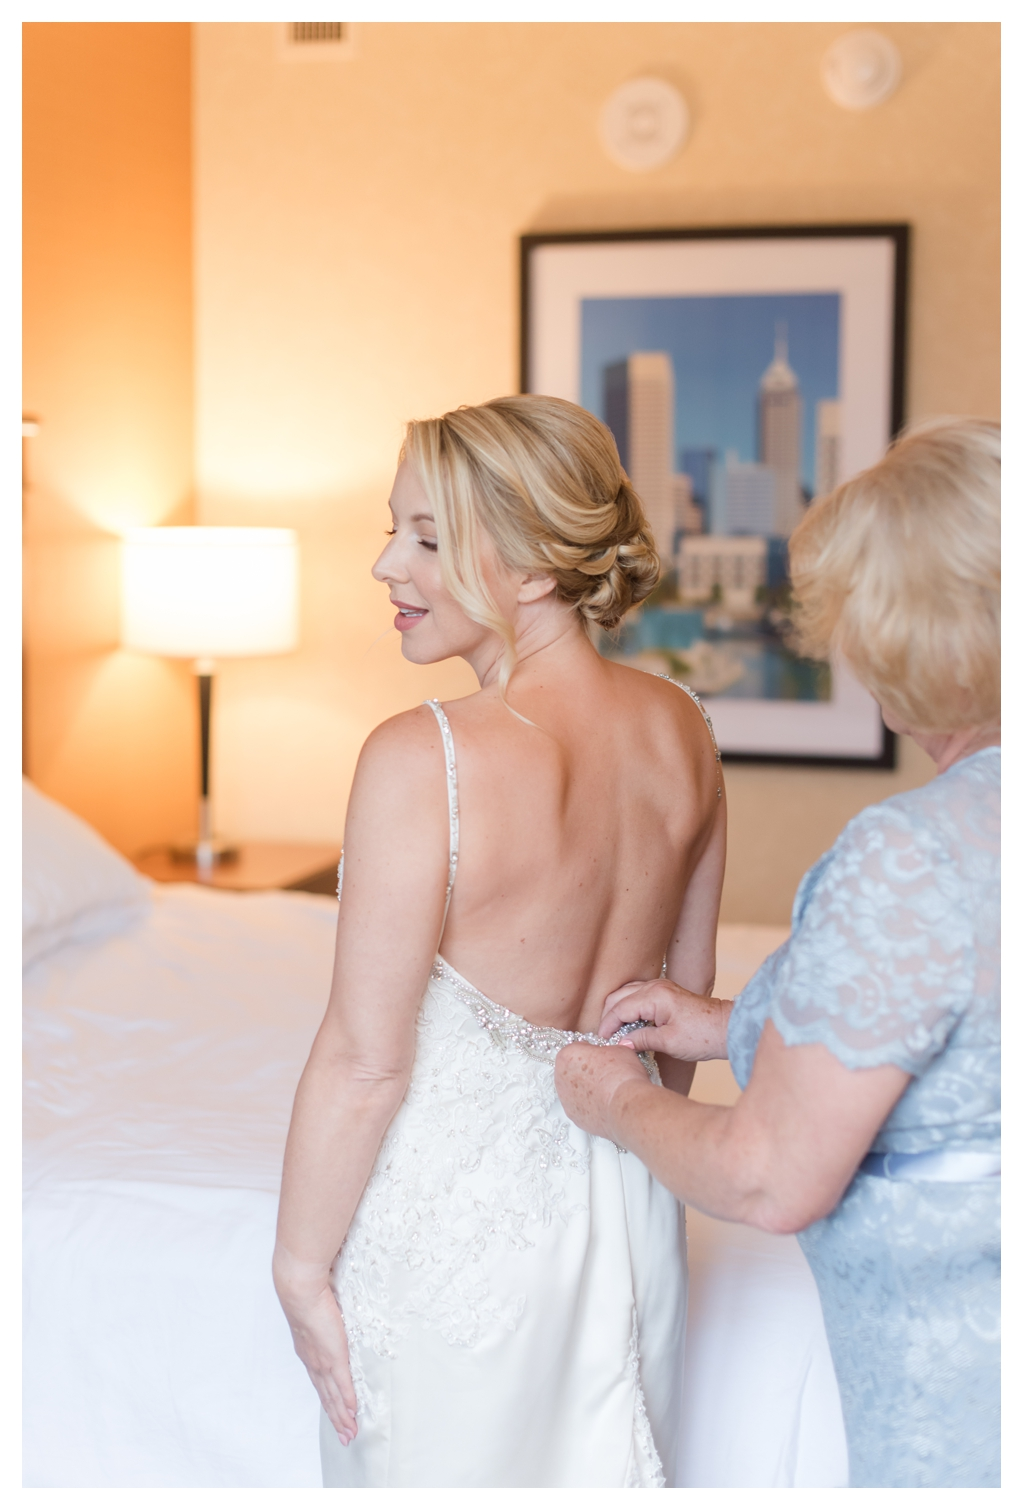 Drury Inn for Getting Ready Photos on a Wedding Day_1484.jpg